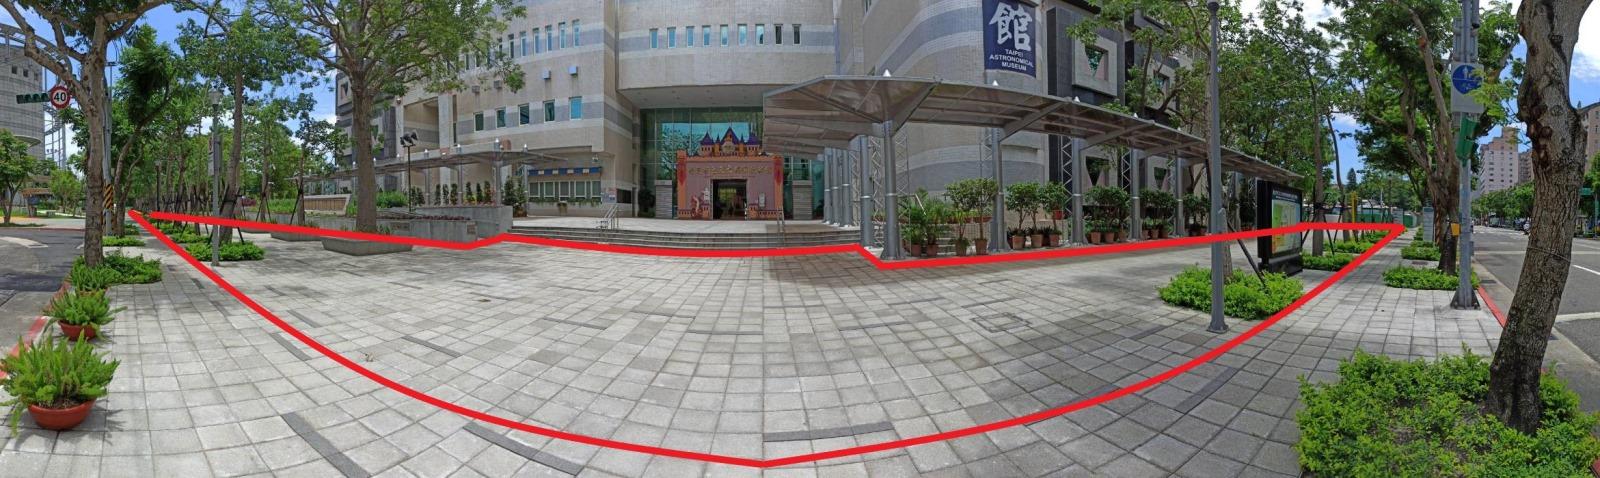 臺北市立天文科學教育館前門廣場、臺北市立天文科學教育館後門廣場